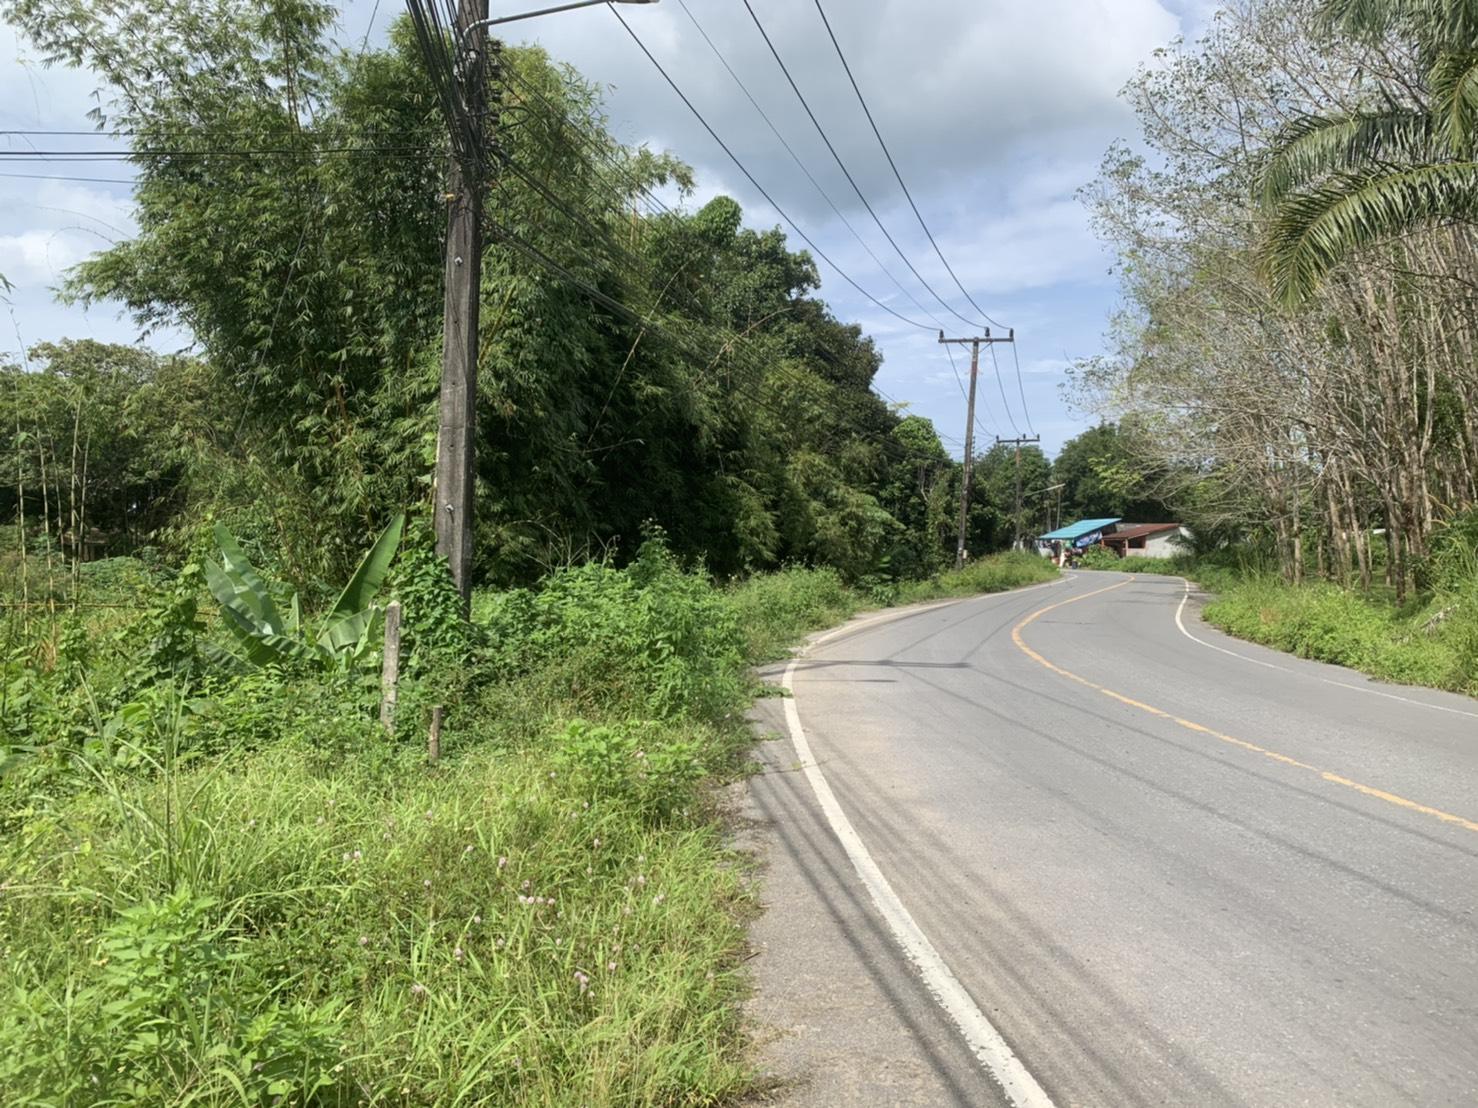 Land for sale at Baan Thong Kamin